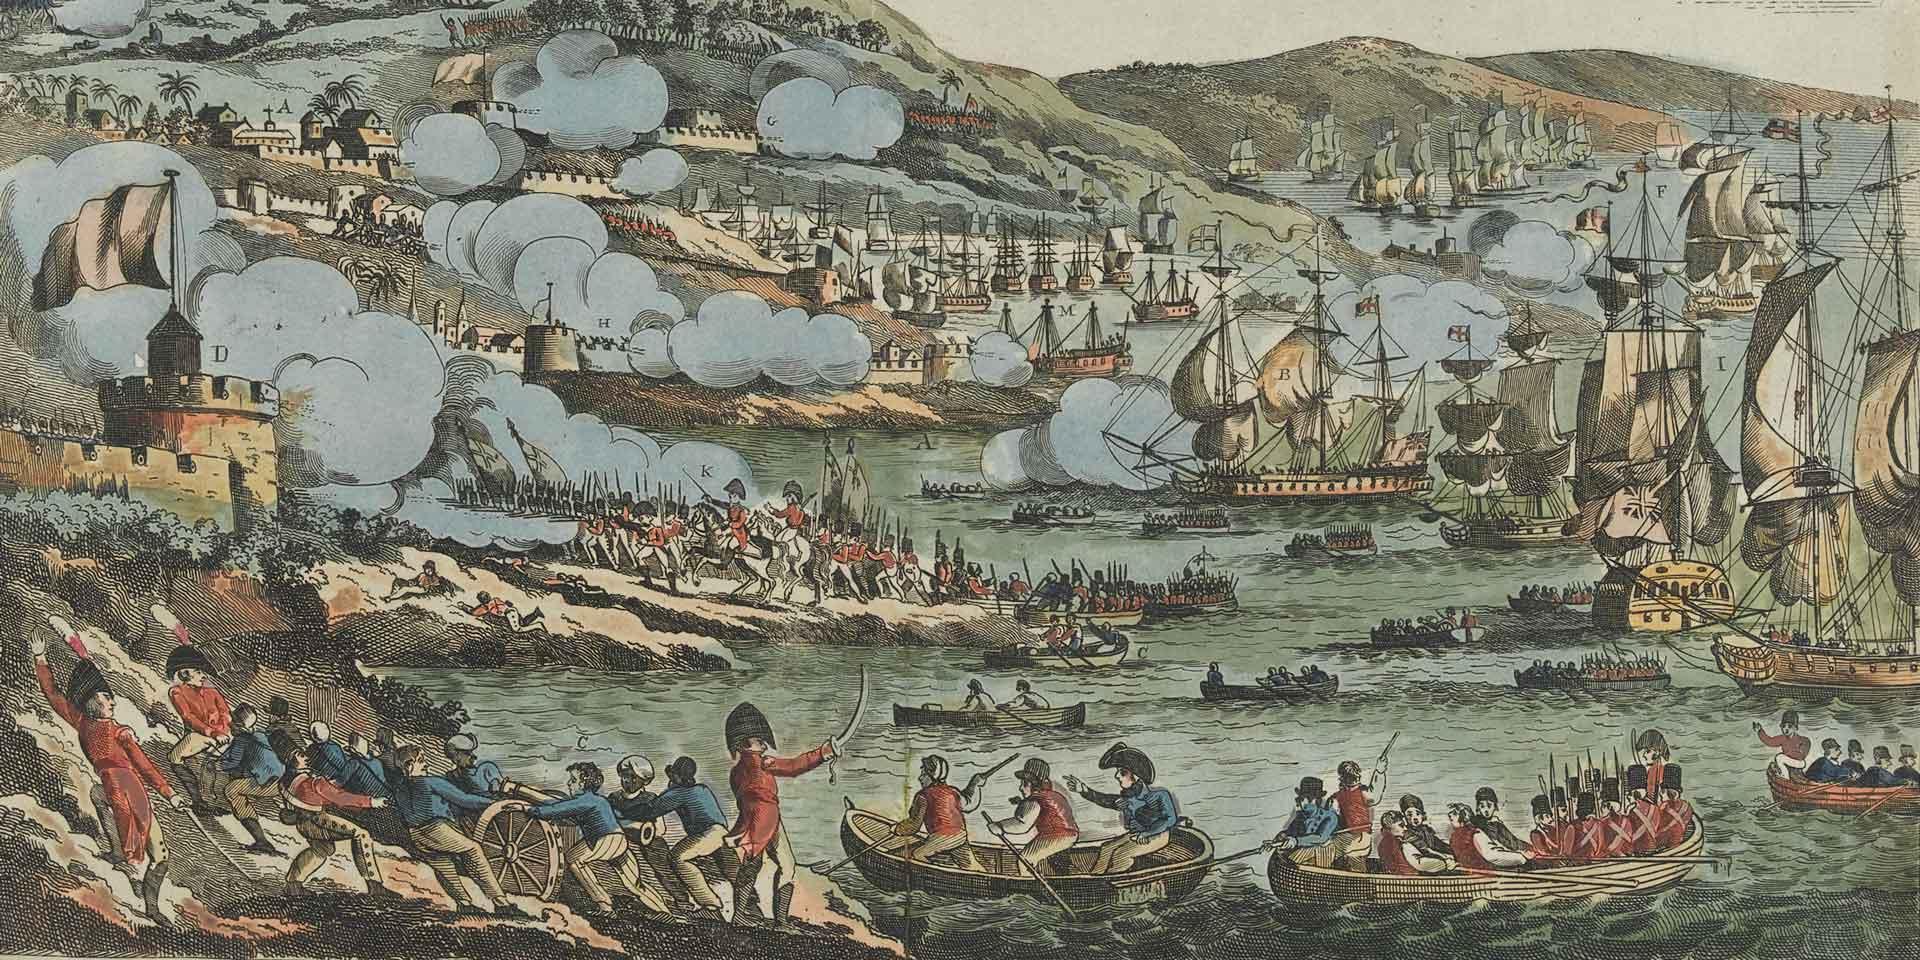 The British capture of Mauritius, 1810